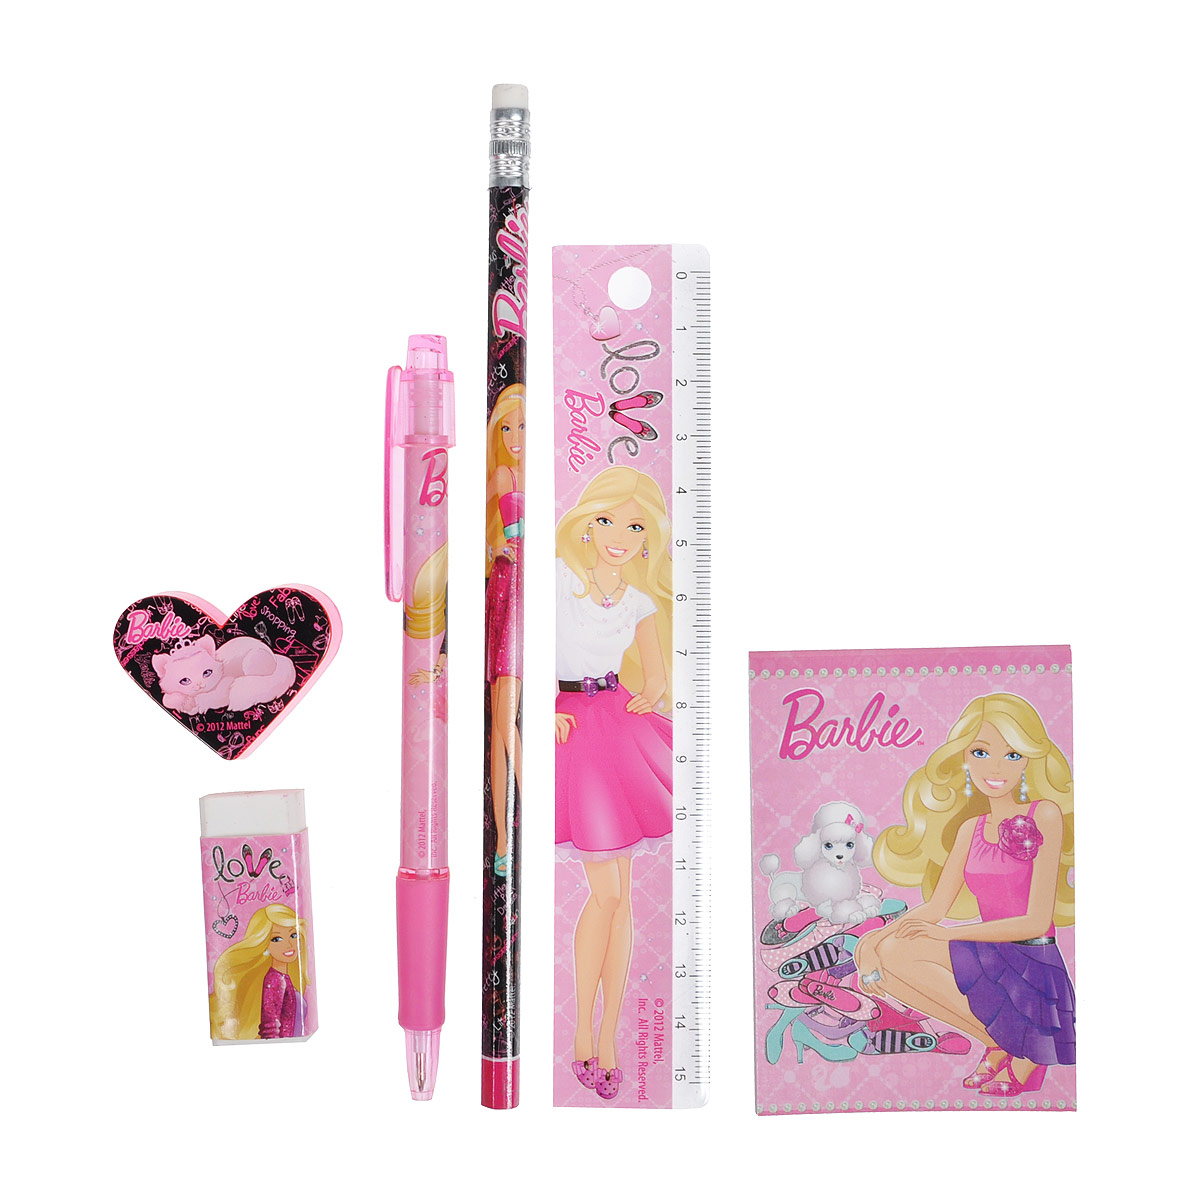 Канцелярский набор Barbie станет незаменимым атрибутом в учебе любой школьницы.  Он включает в себя пластиковый пенал, чернографитный карандаш с ластиком, автоматическую ручку, ластик, точилку, пластиковую линейку 15 см и небольшой блокнотик. Пенал снабжен поднимающейся подставкой для пишущих принадлежностей. Он раскрывается в центре, секции разворачиваются, и пенал можно использовать в качестве стакана для канцелярских принадлежностей.  Ручка снабжена прорезиненной вставкой в области захвата, подача стержня производится путем нажатия на кнопку в верхней части ручки. Блокнотик снабжен картонной обложкой, внутренний блок содержит листы с печатью. Все предметы набора оформлены изображениями Барби.